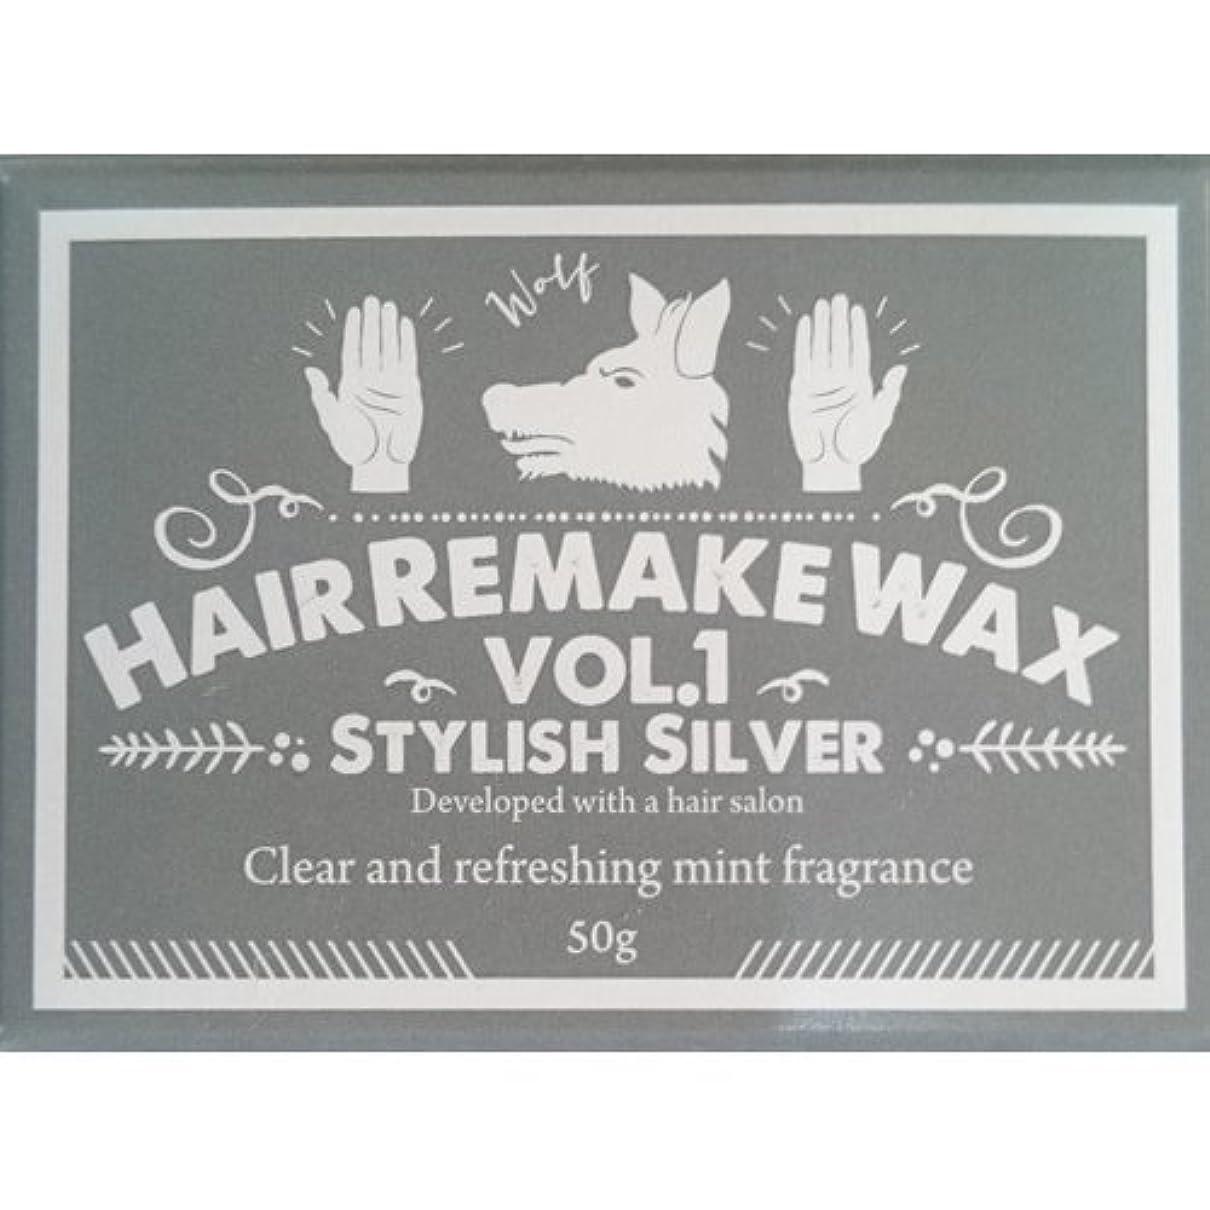 間に合わせ強大な奇跡パーティー 変装 銀髪用 Hair Remake(ヘアーリメイクワックス)WAX Vol.1 スタイリッシュシルバー 50g